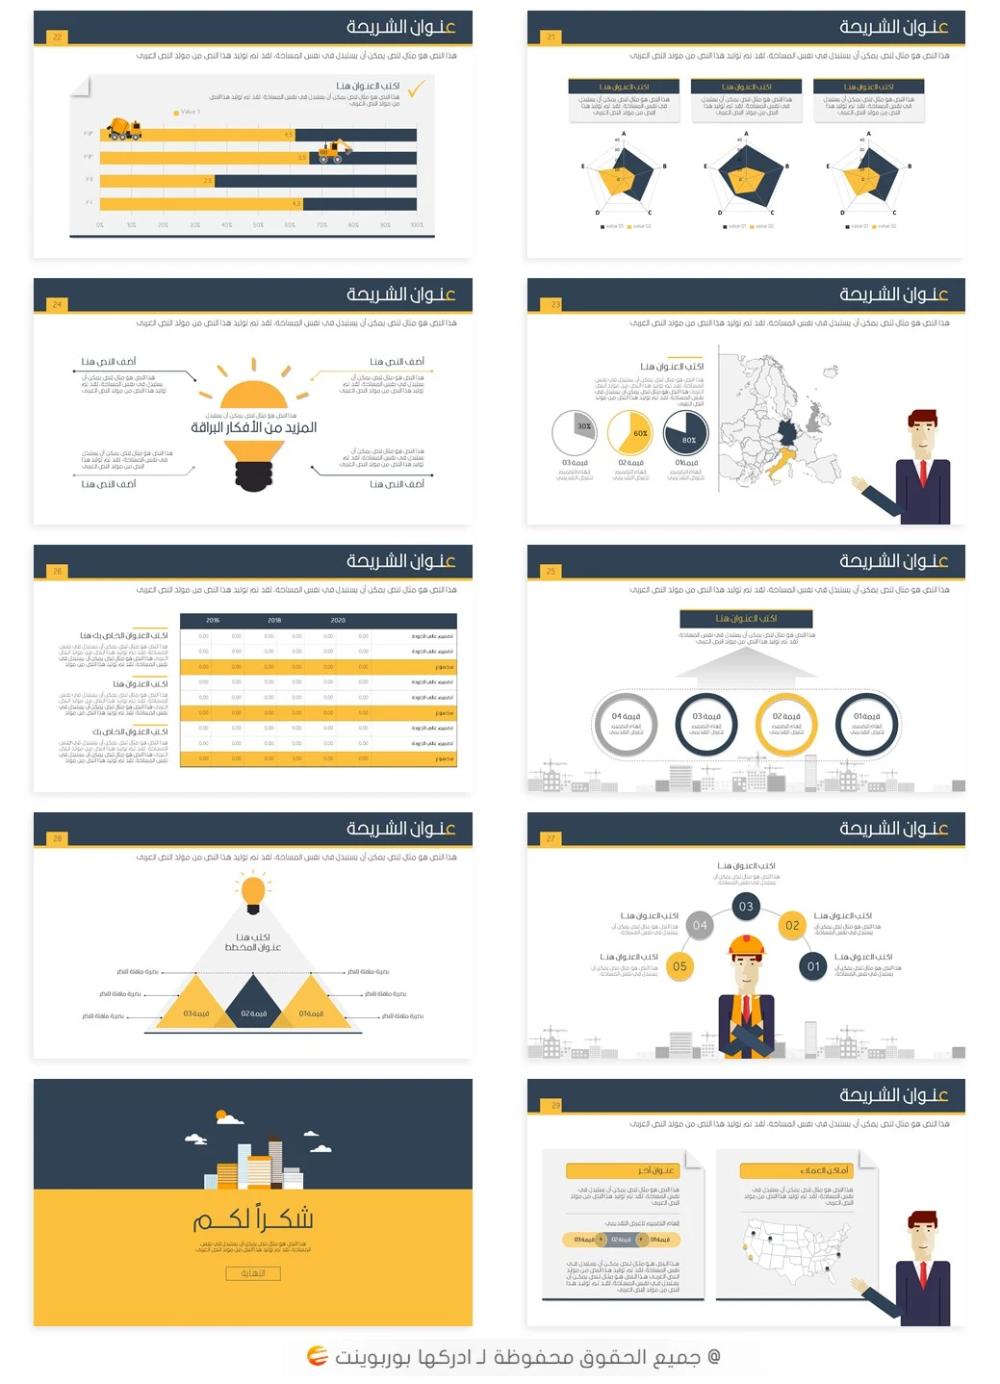 تصميم بوربوينت عربي جاهز لإعداد الموضوعات الهندسية ادركها بوربوينت Powerpoint Templates Powerpoint Templates